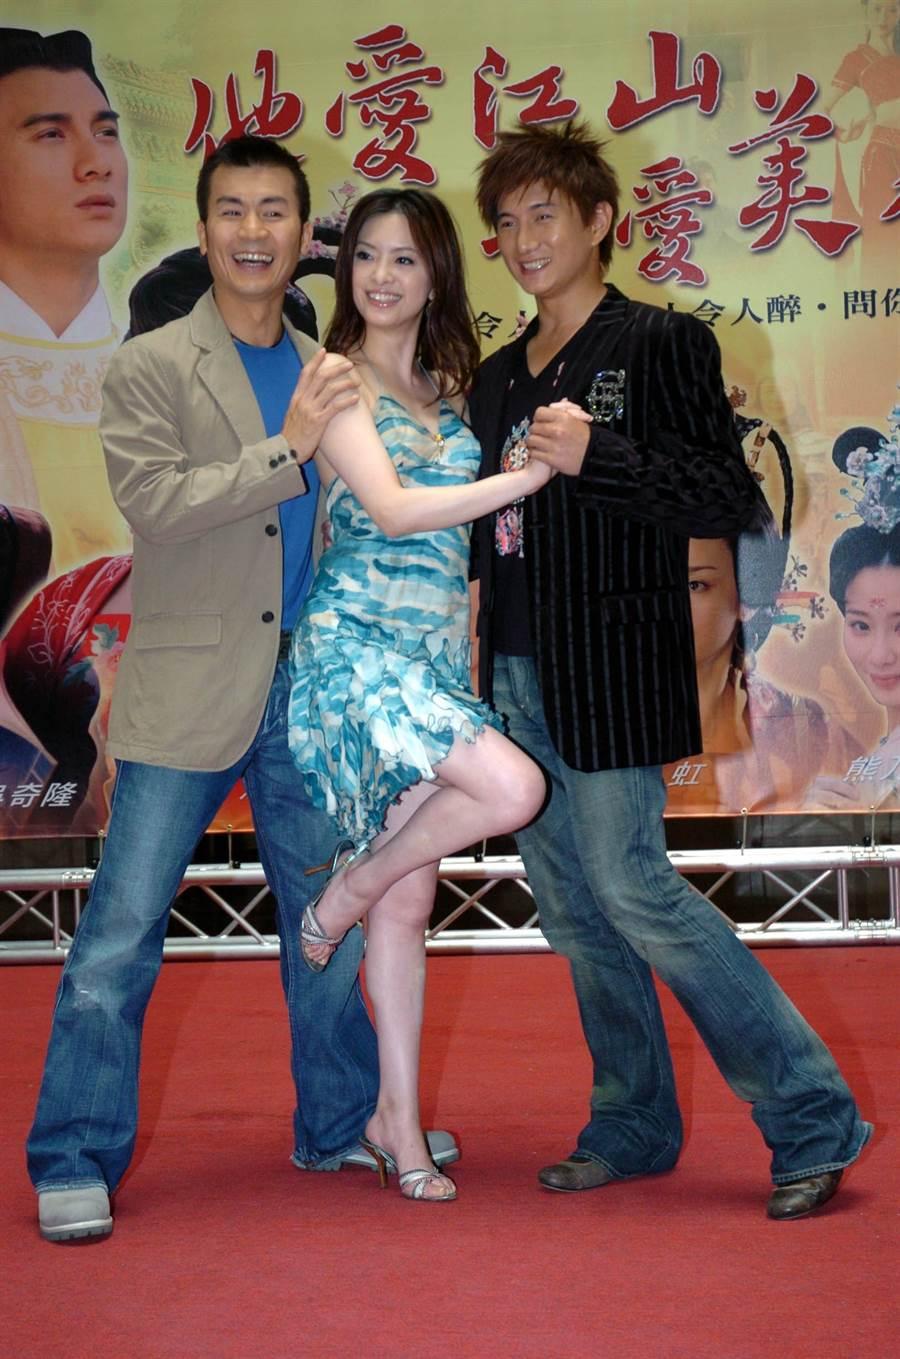 2005年劉真與吳奇隆、黃文豪宣傳新戲《他愛江山我愛美人》。(圖/中時資料照片)